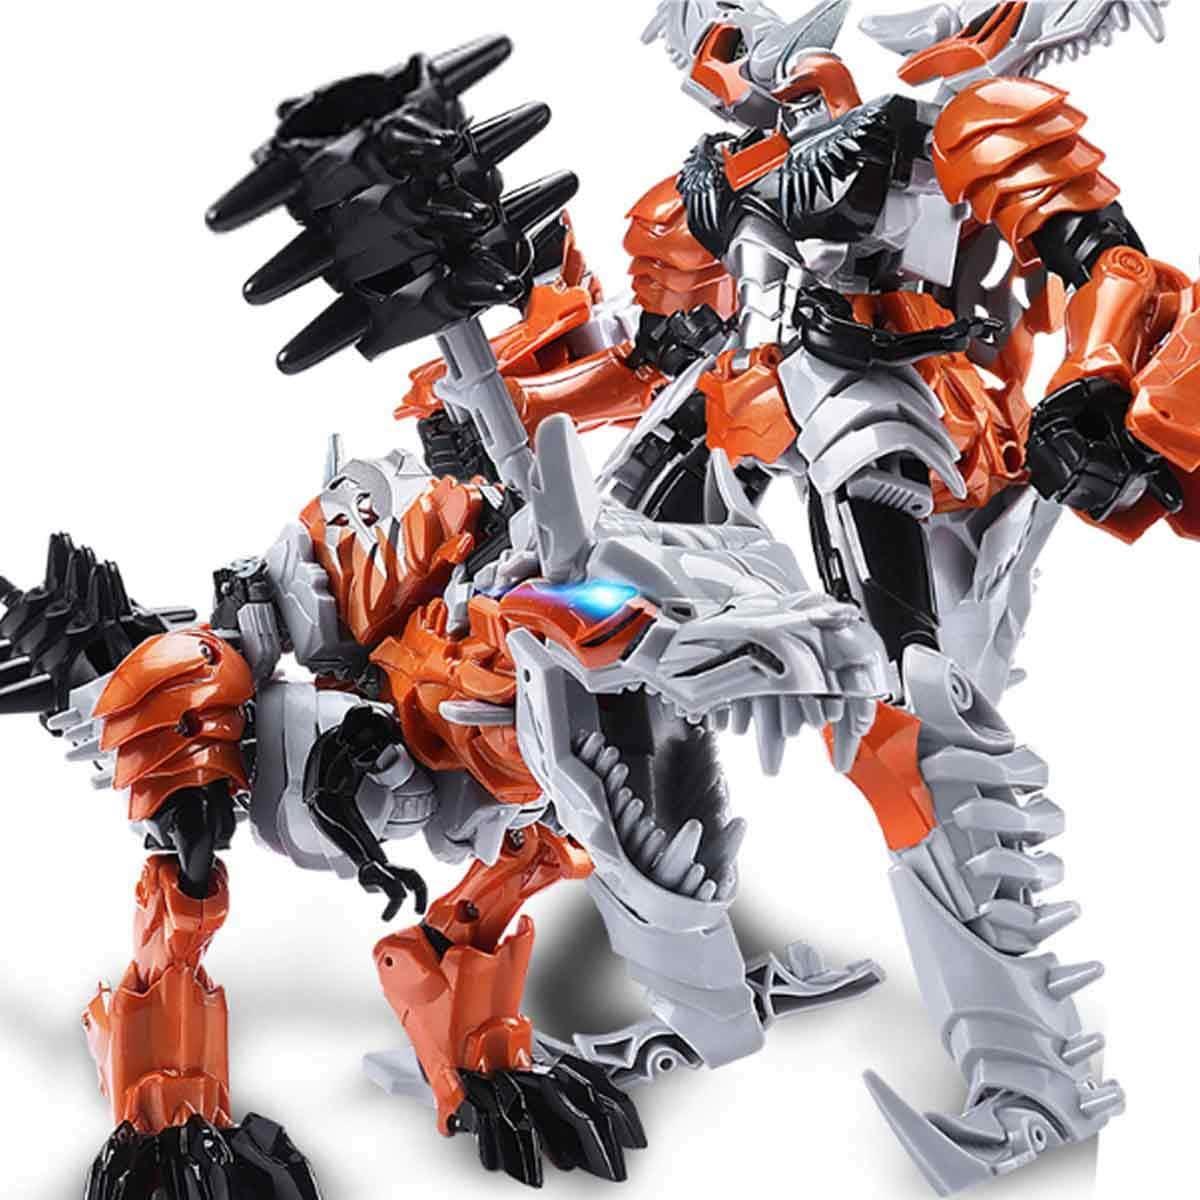 Action Figures Deformazione Lega Robot Giocattolo Auto ABS Personaggio Animazione Giocattolo Auto Modello Personaggio,Bumblebee All